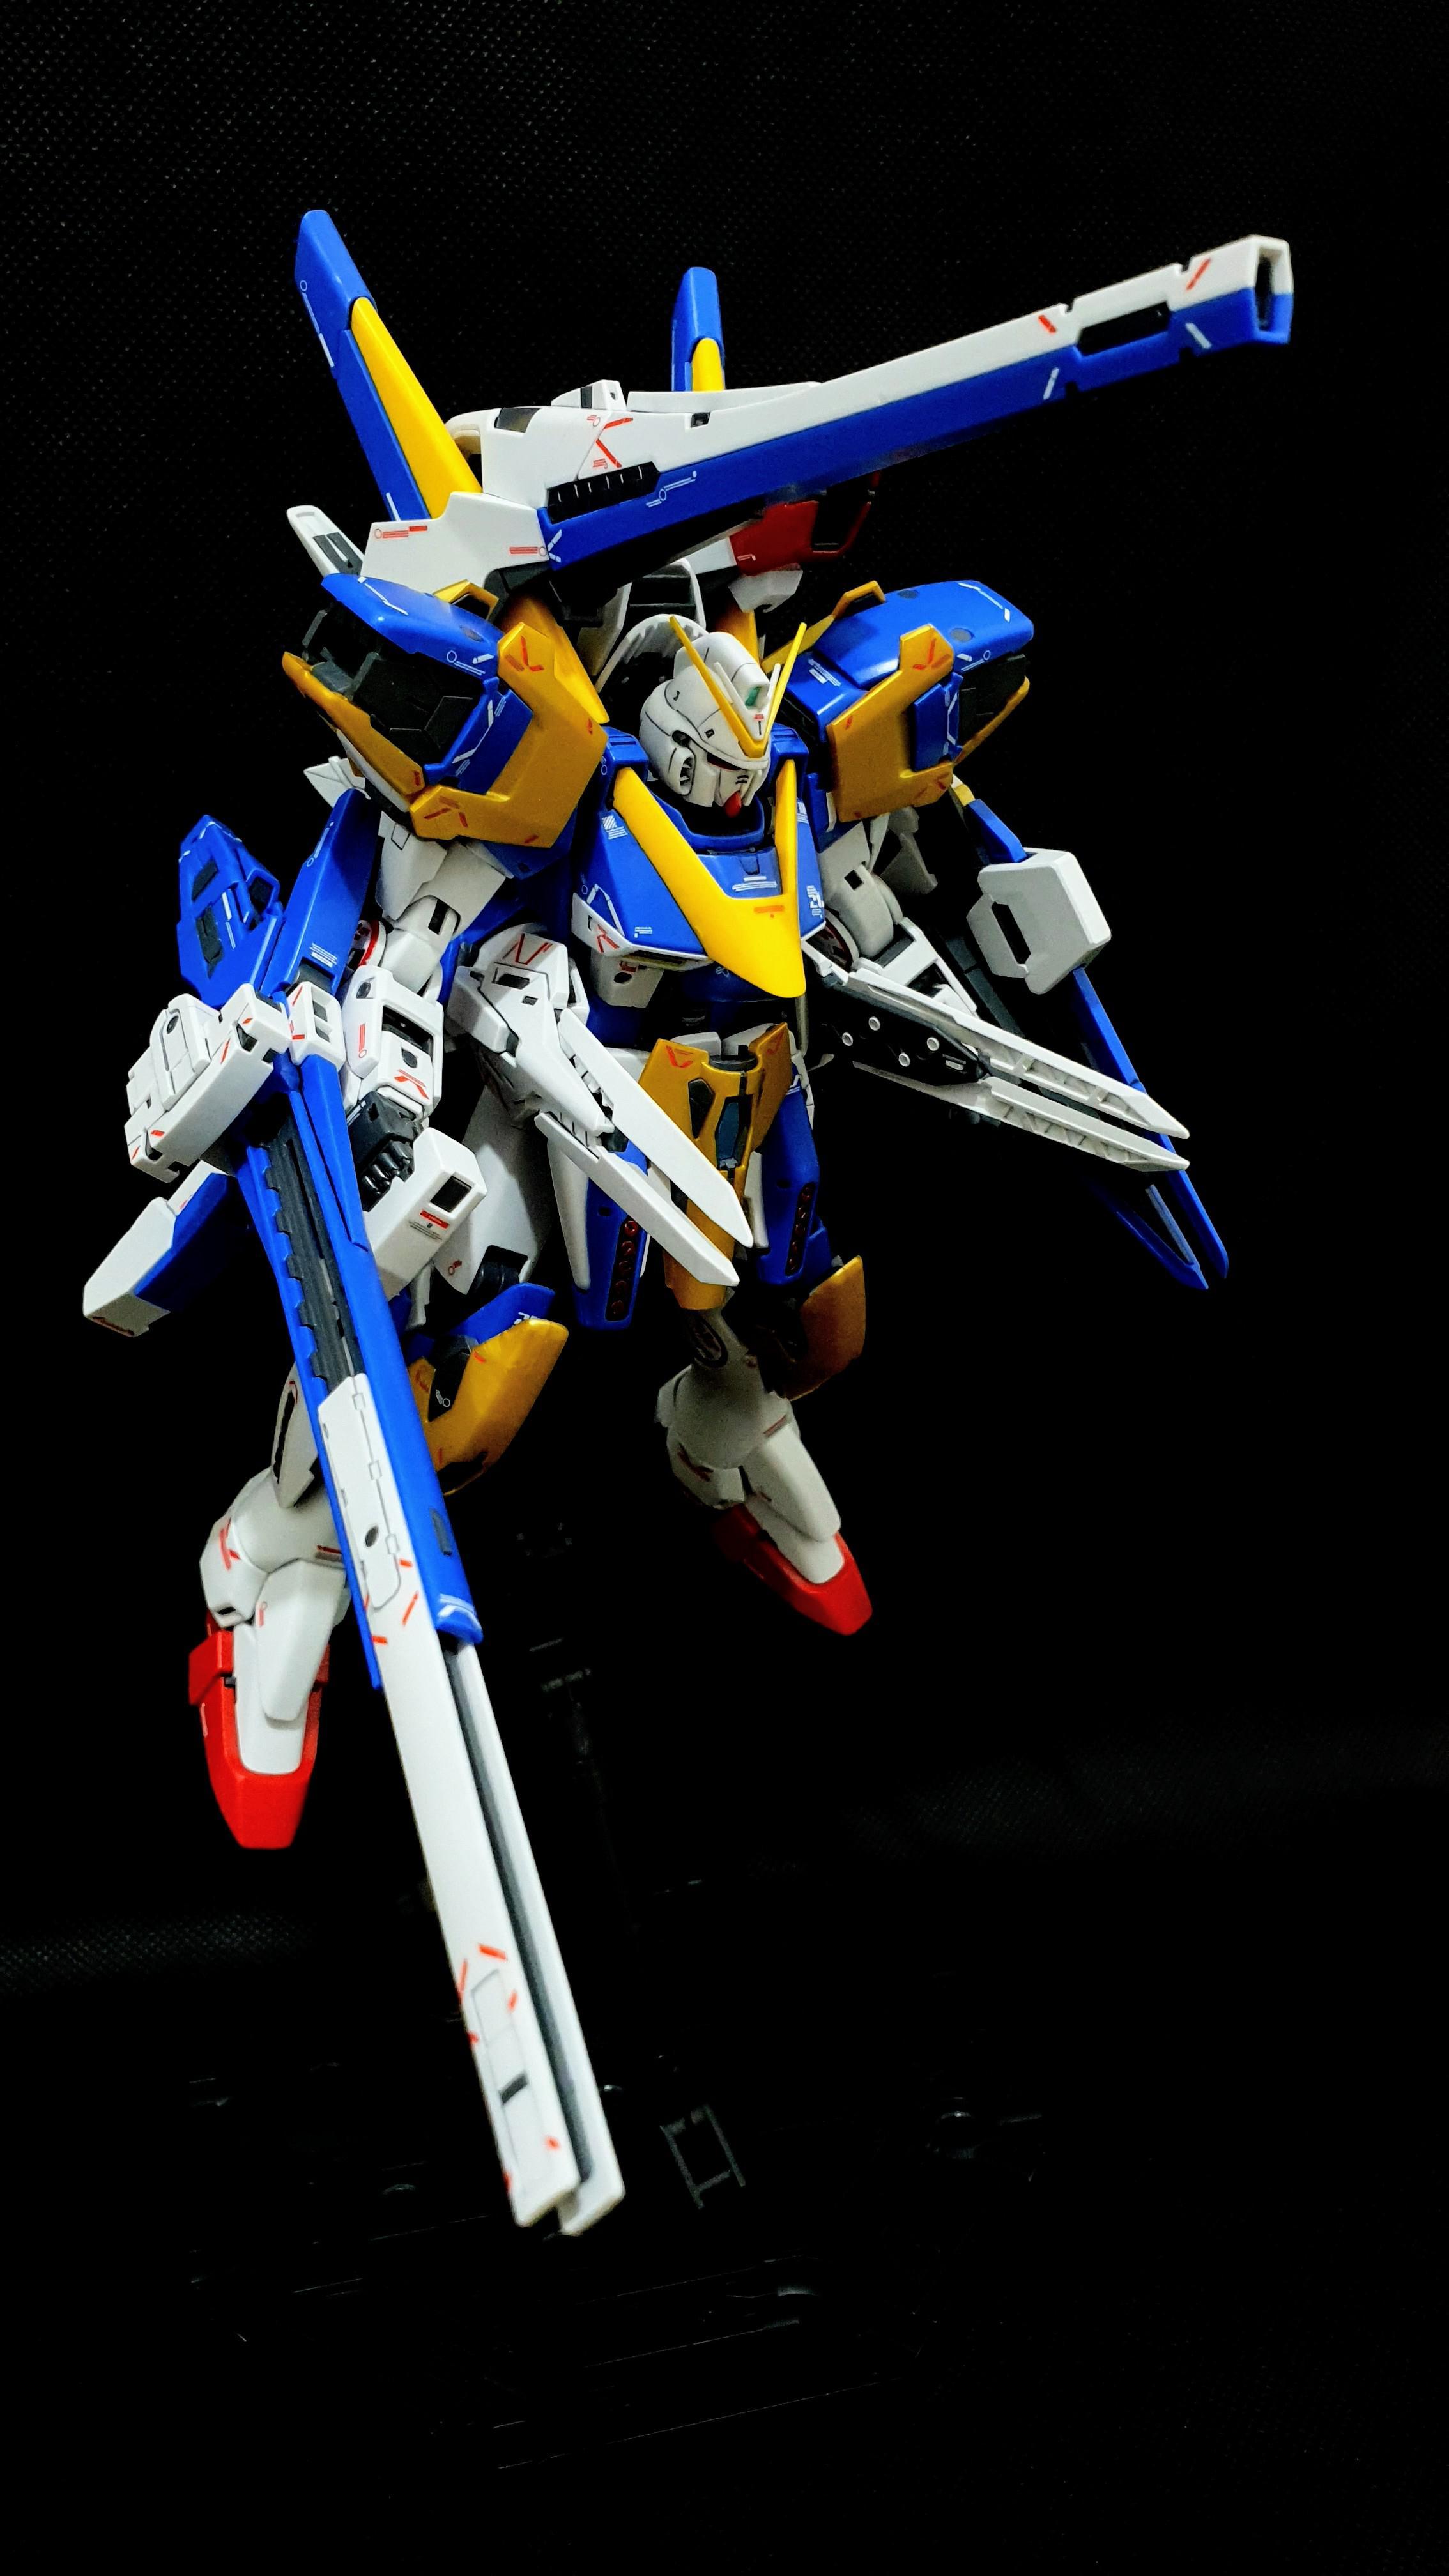 MG 1/100 V2 Assault Buster Gundam ver Ka : Gunpla